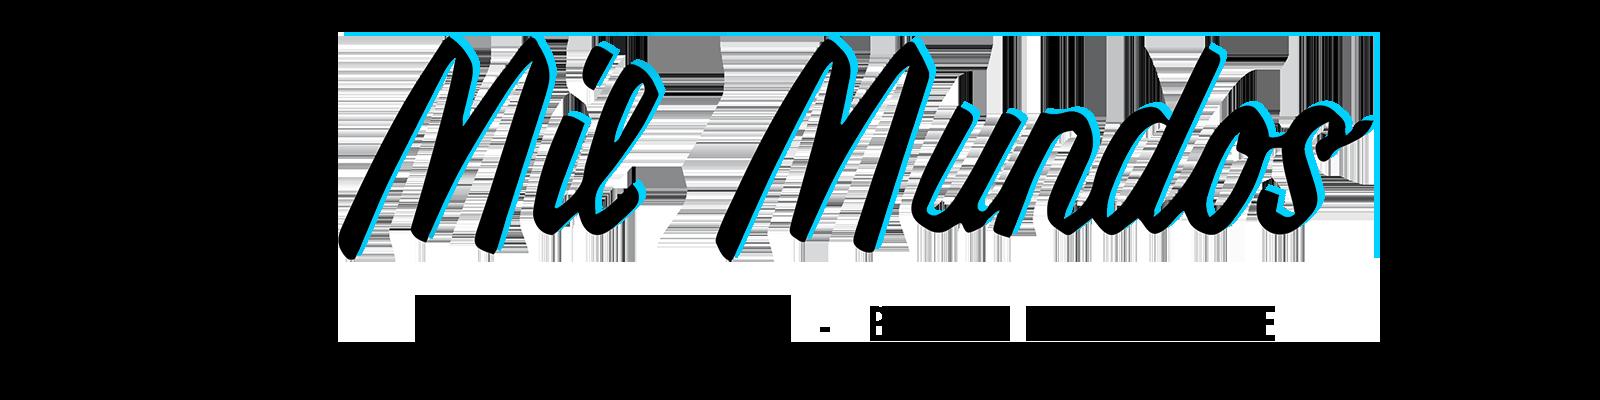 Logo_1600_x_400.png